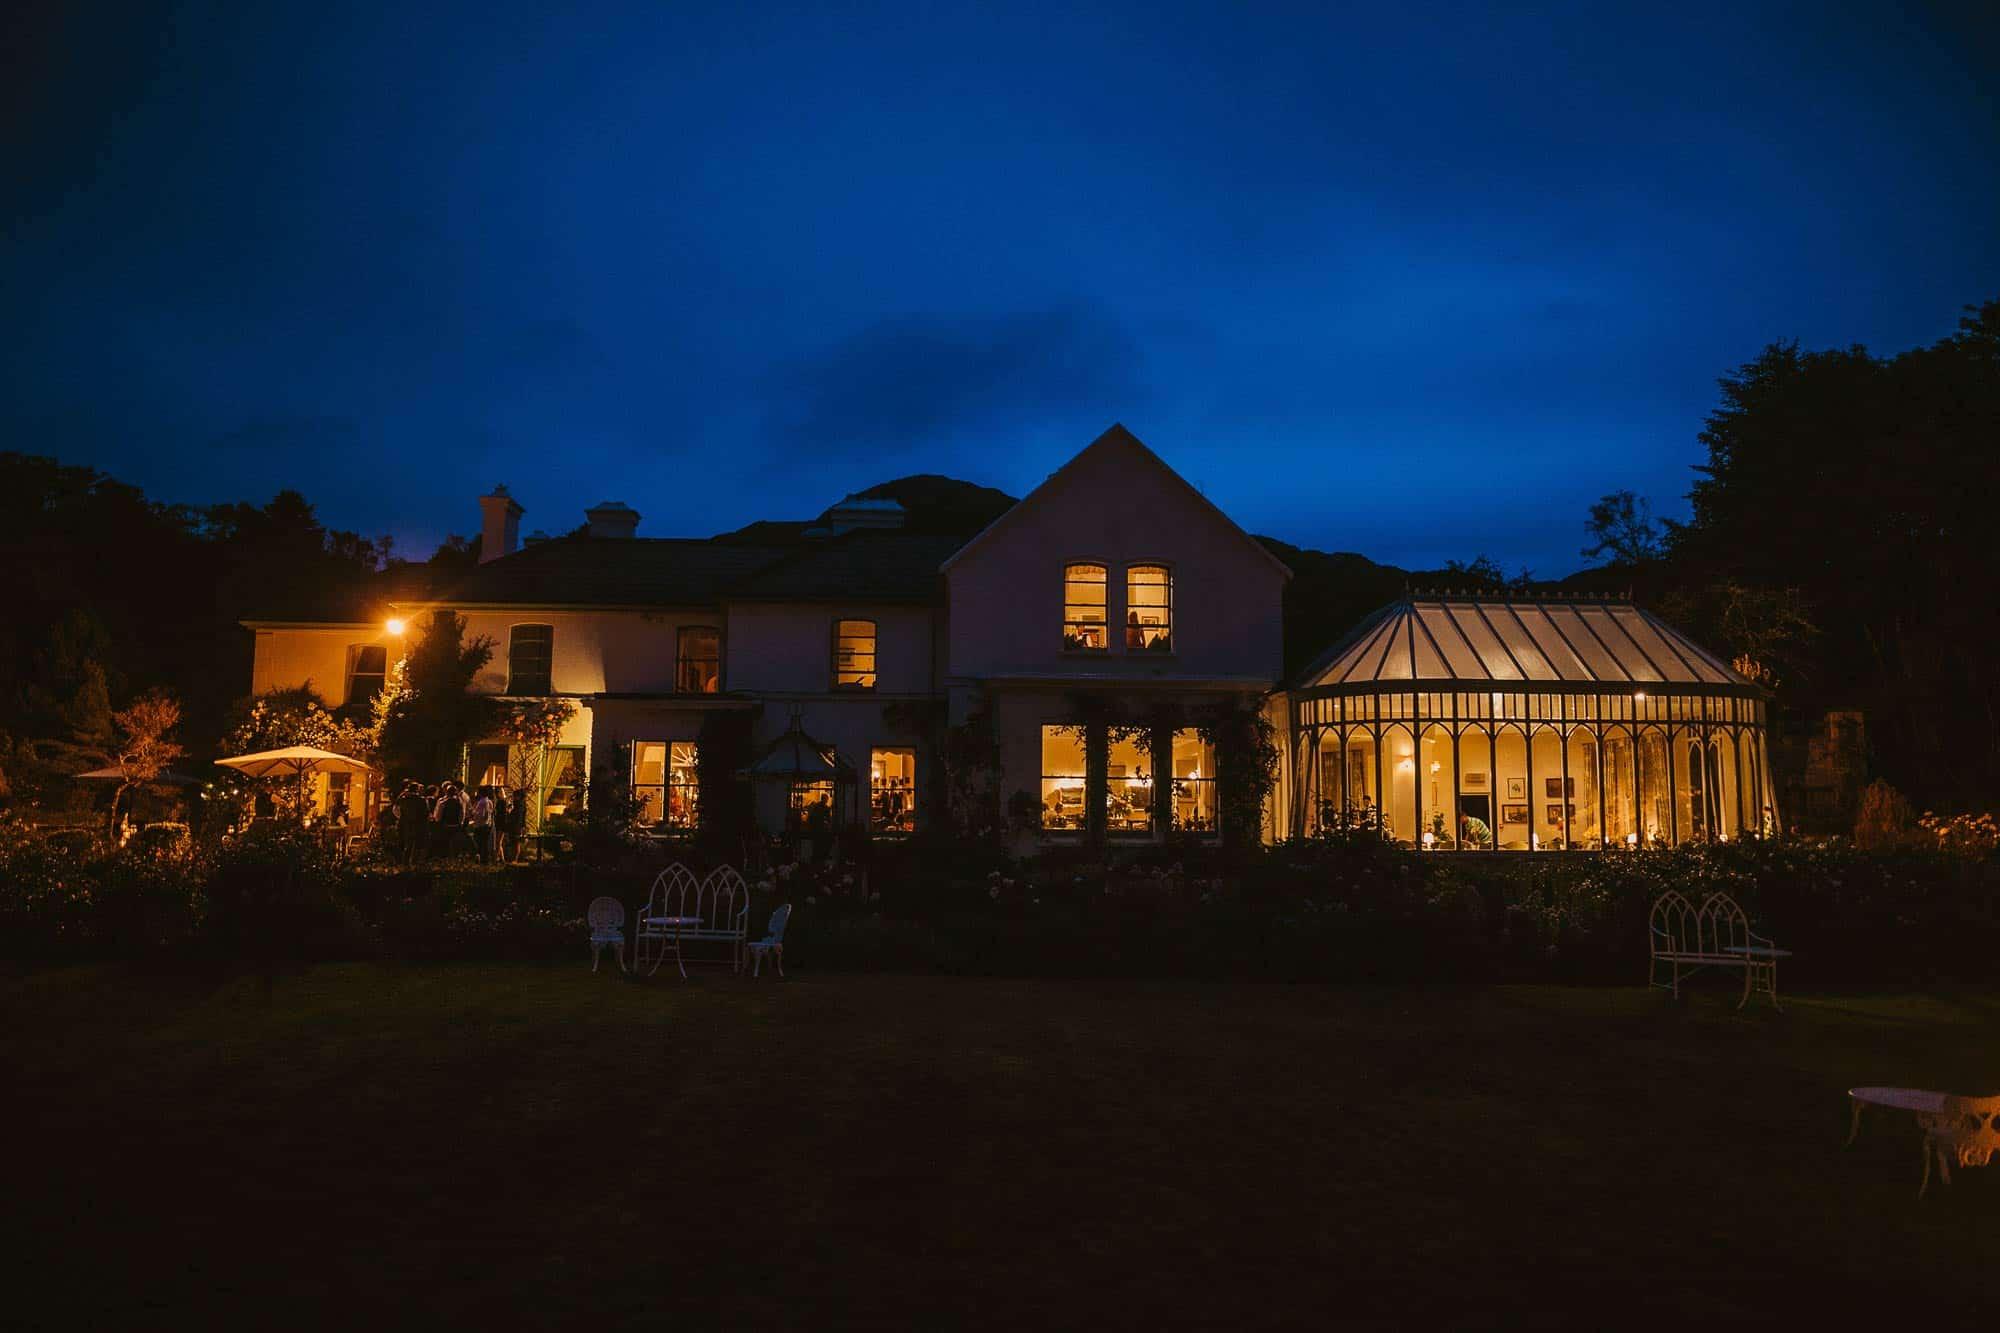 Elopement Ireland Connemara Night Shot of the manor house